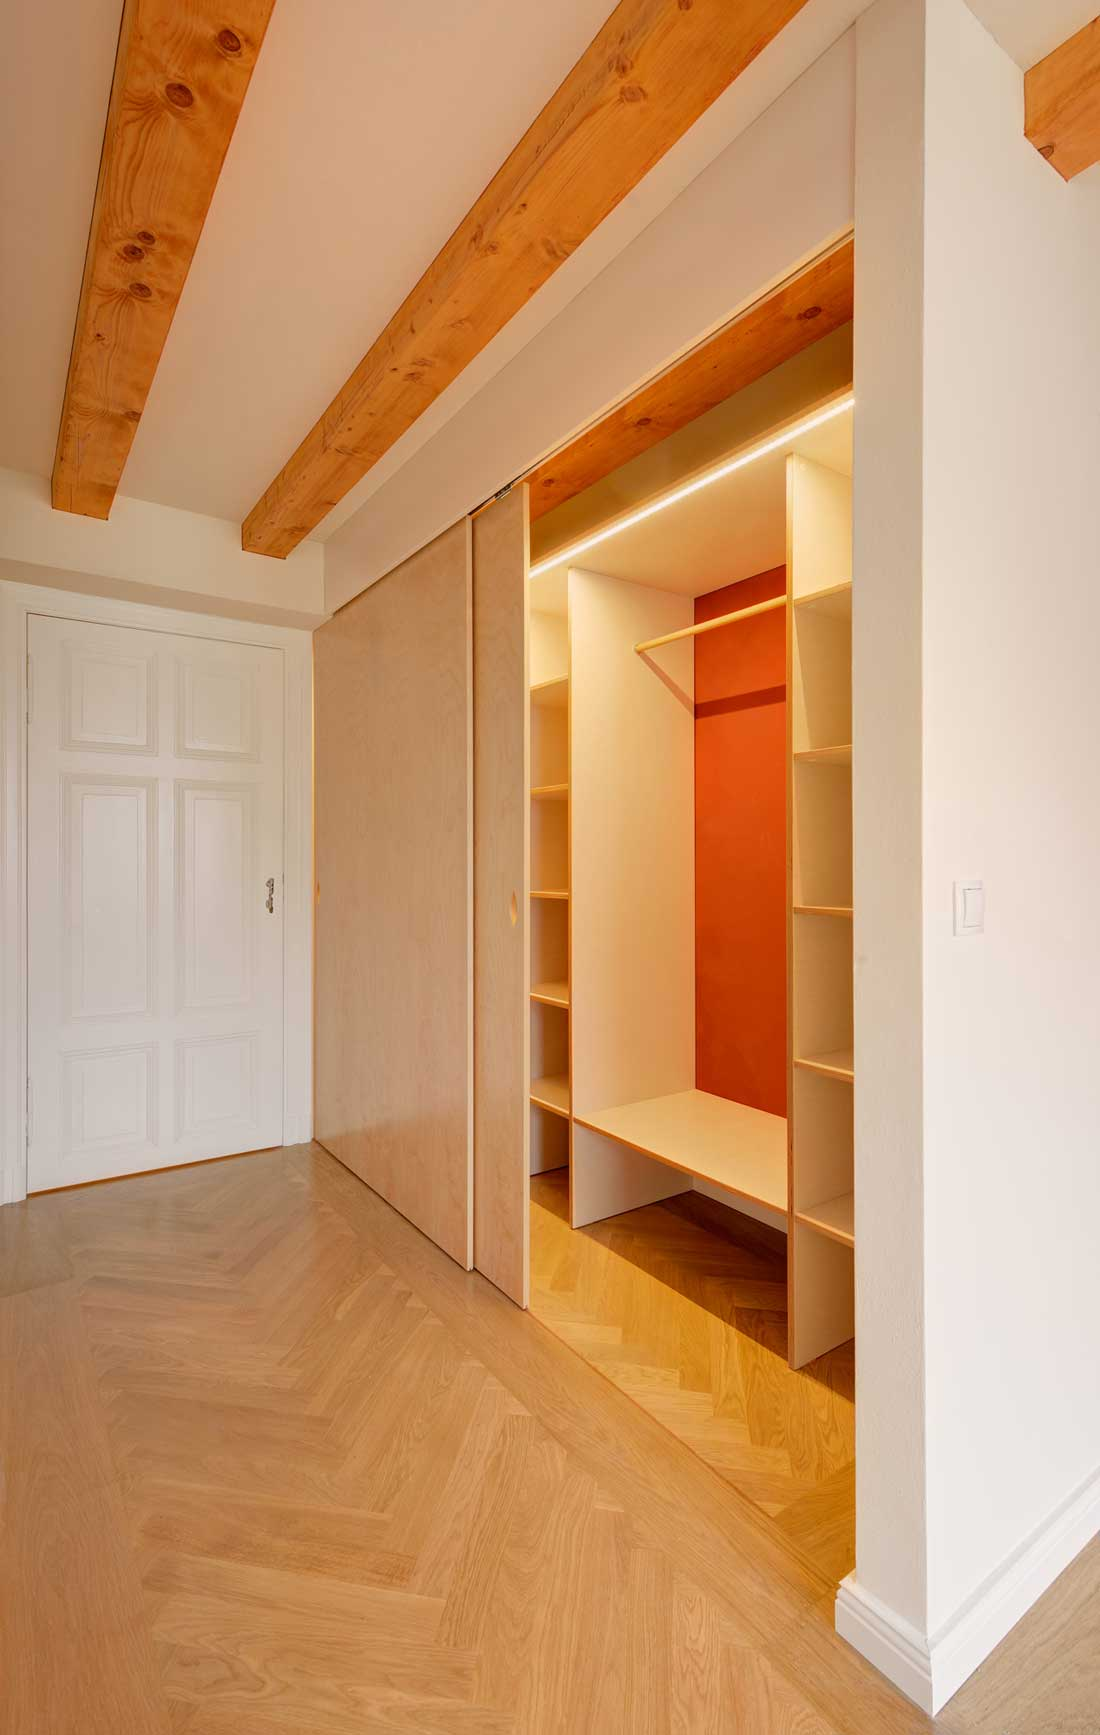 Gabriele Riesner, Architektin, Berlin-Kreuzberg, Dachgeschossausbau eines Hauses, begehbarer Kleiderschrank